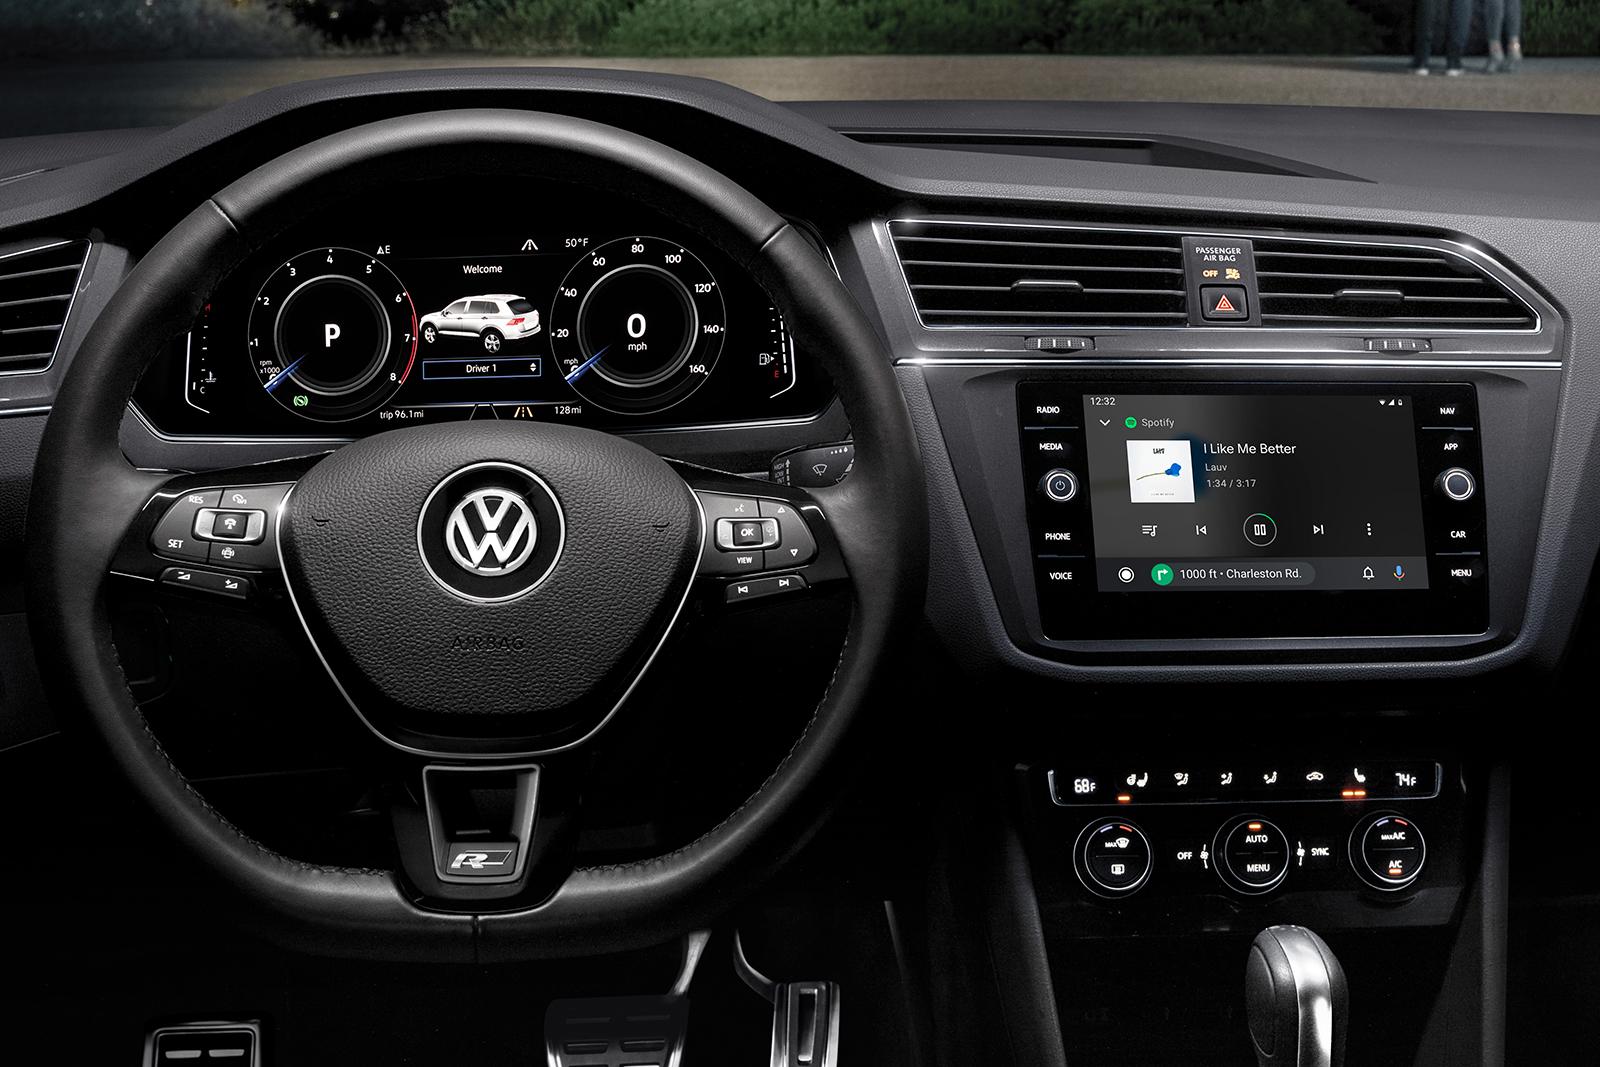 Volante multifunción, tablero digital, pantalla táctil y mucho más: súbete y enorgullécete del carro que conduces.